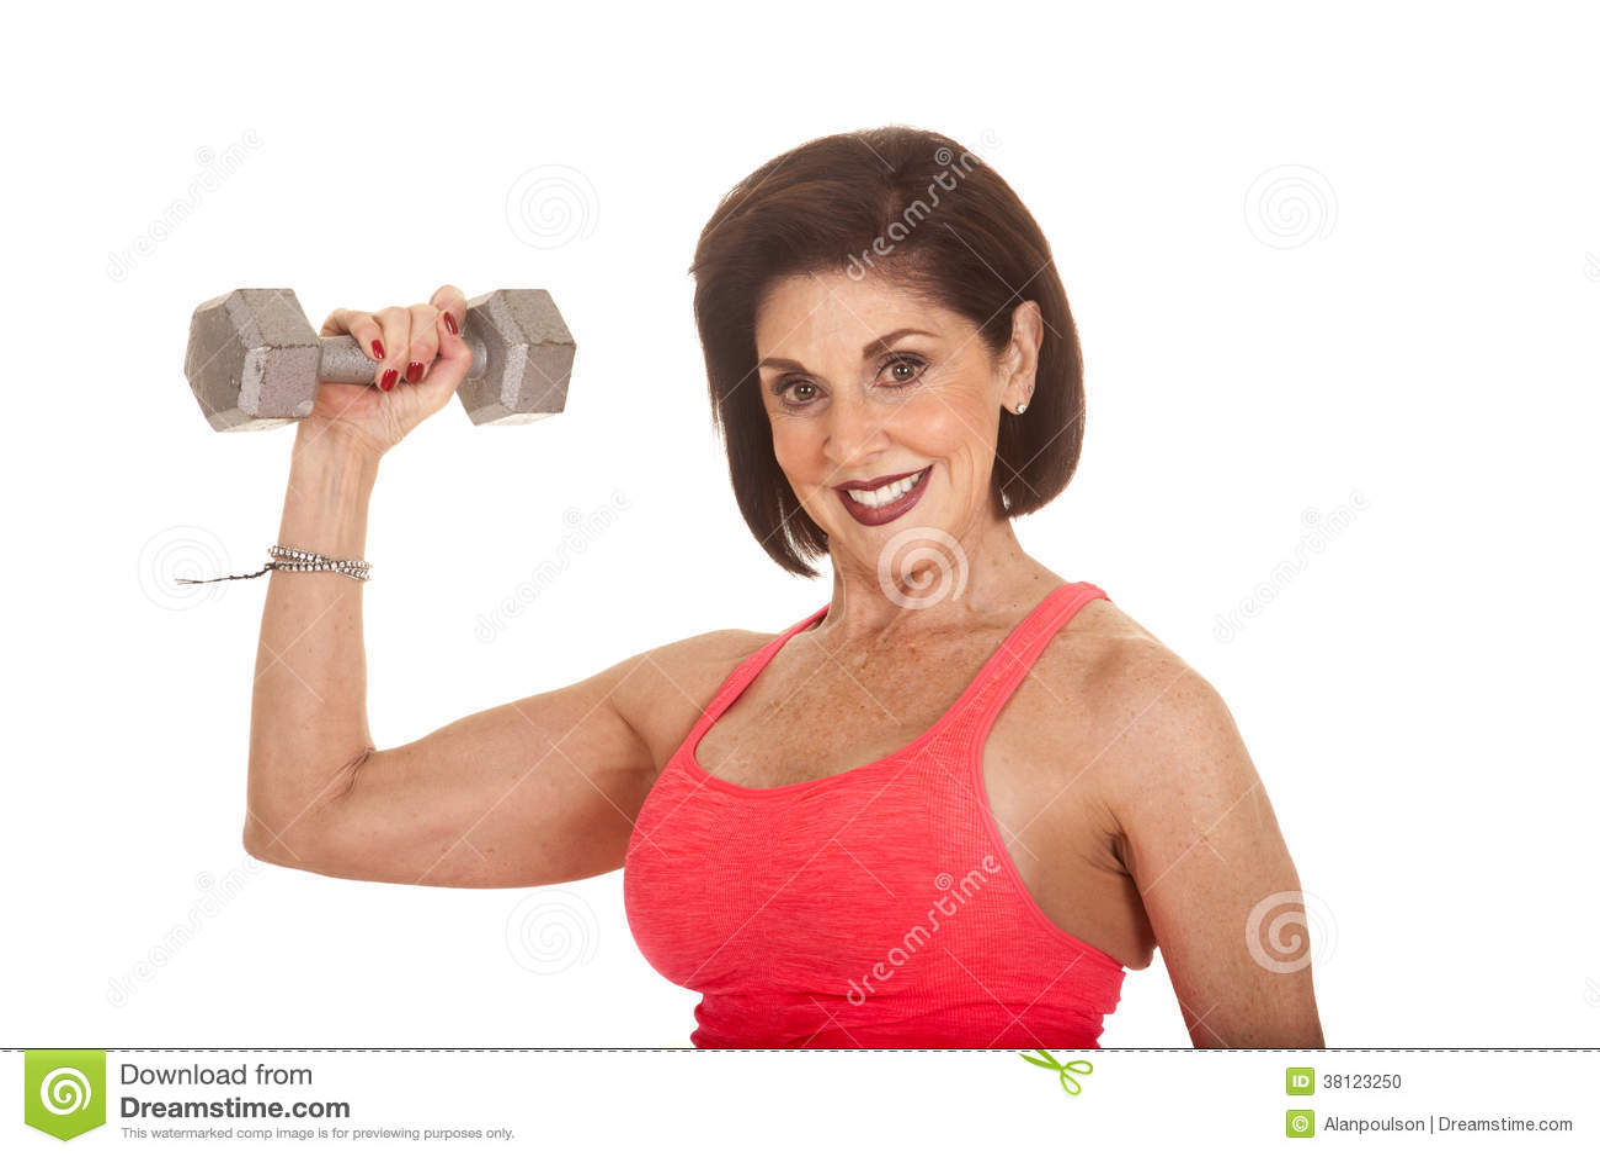 Mature woman flex muscles